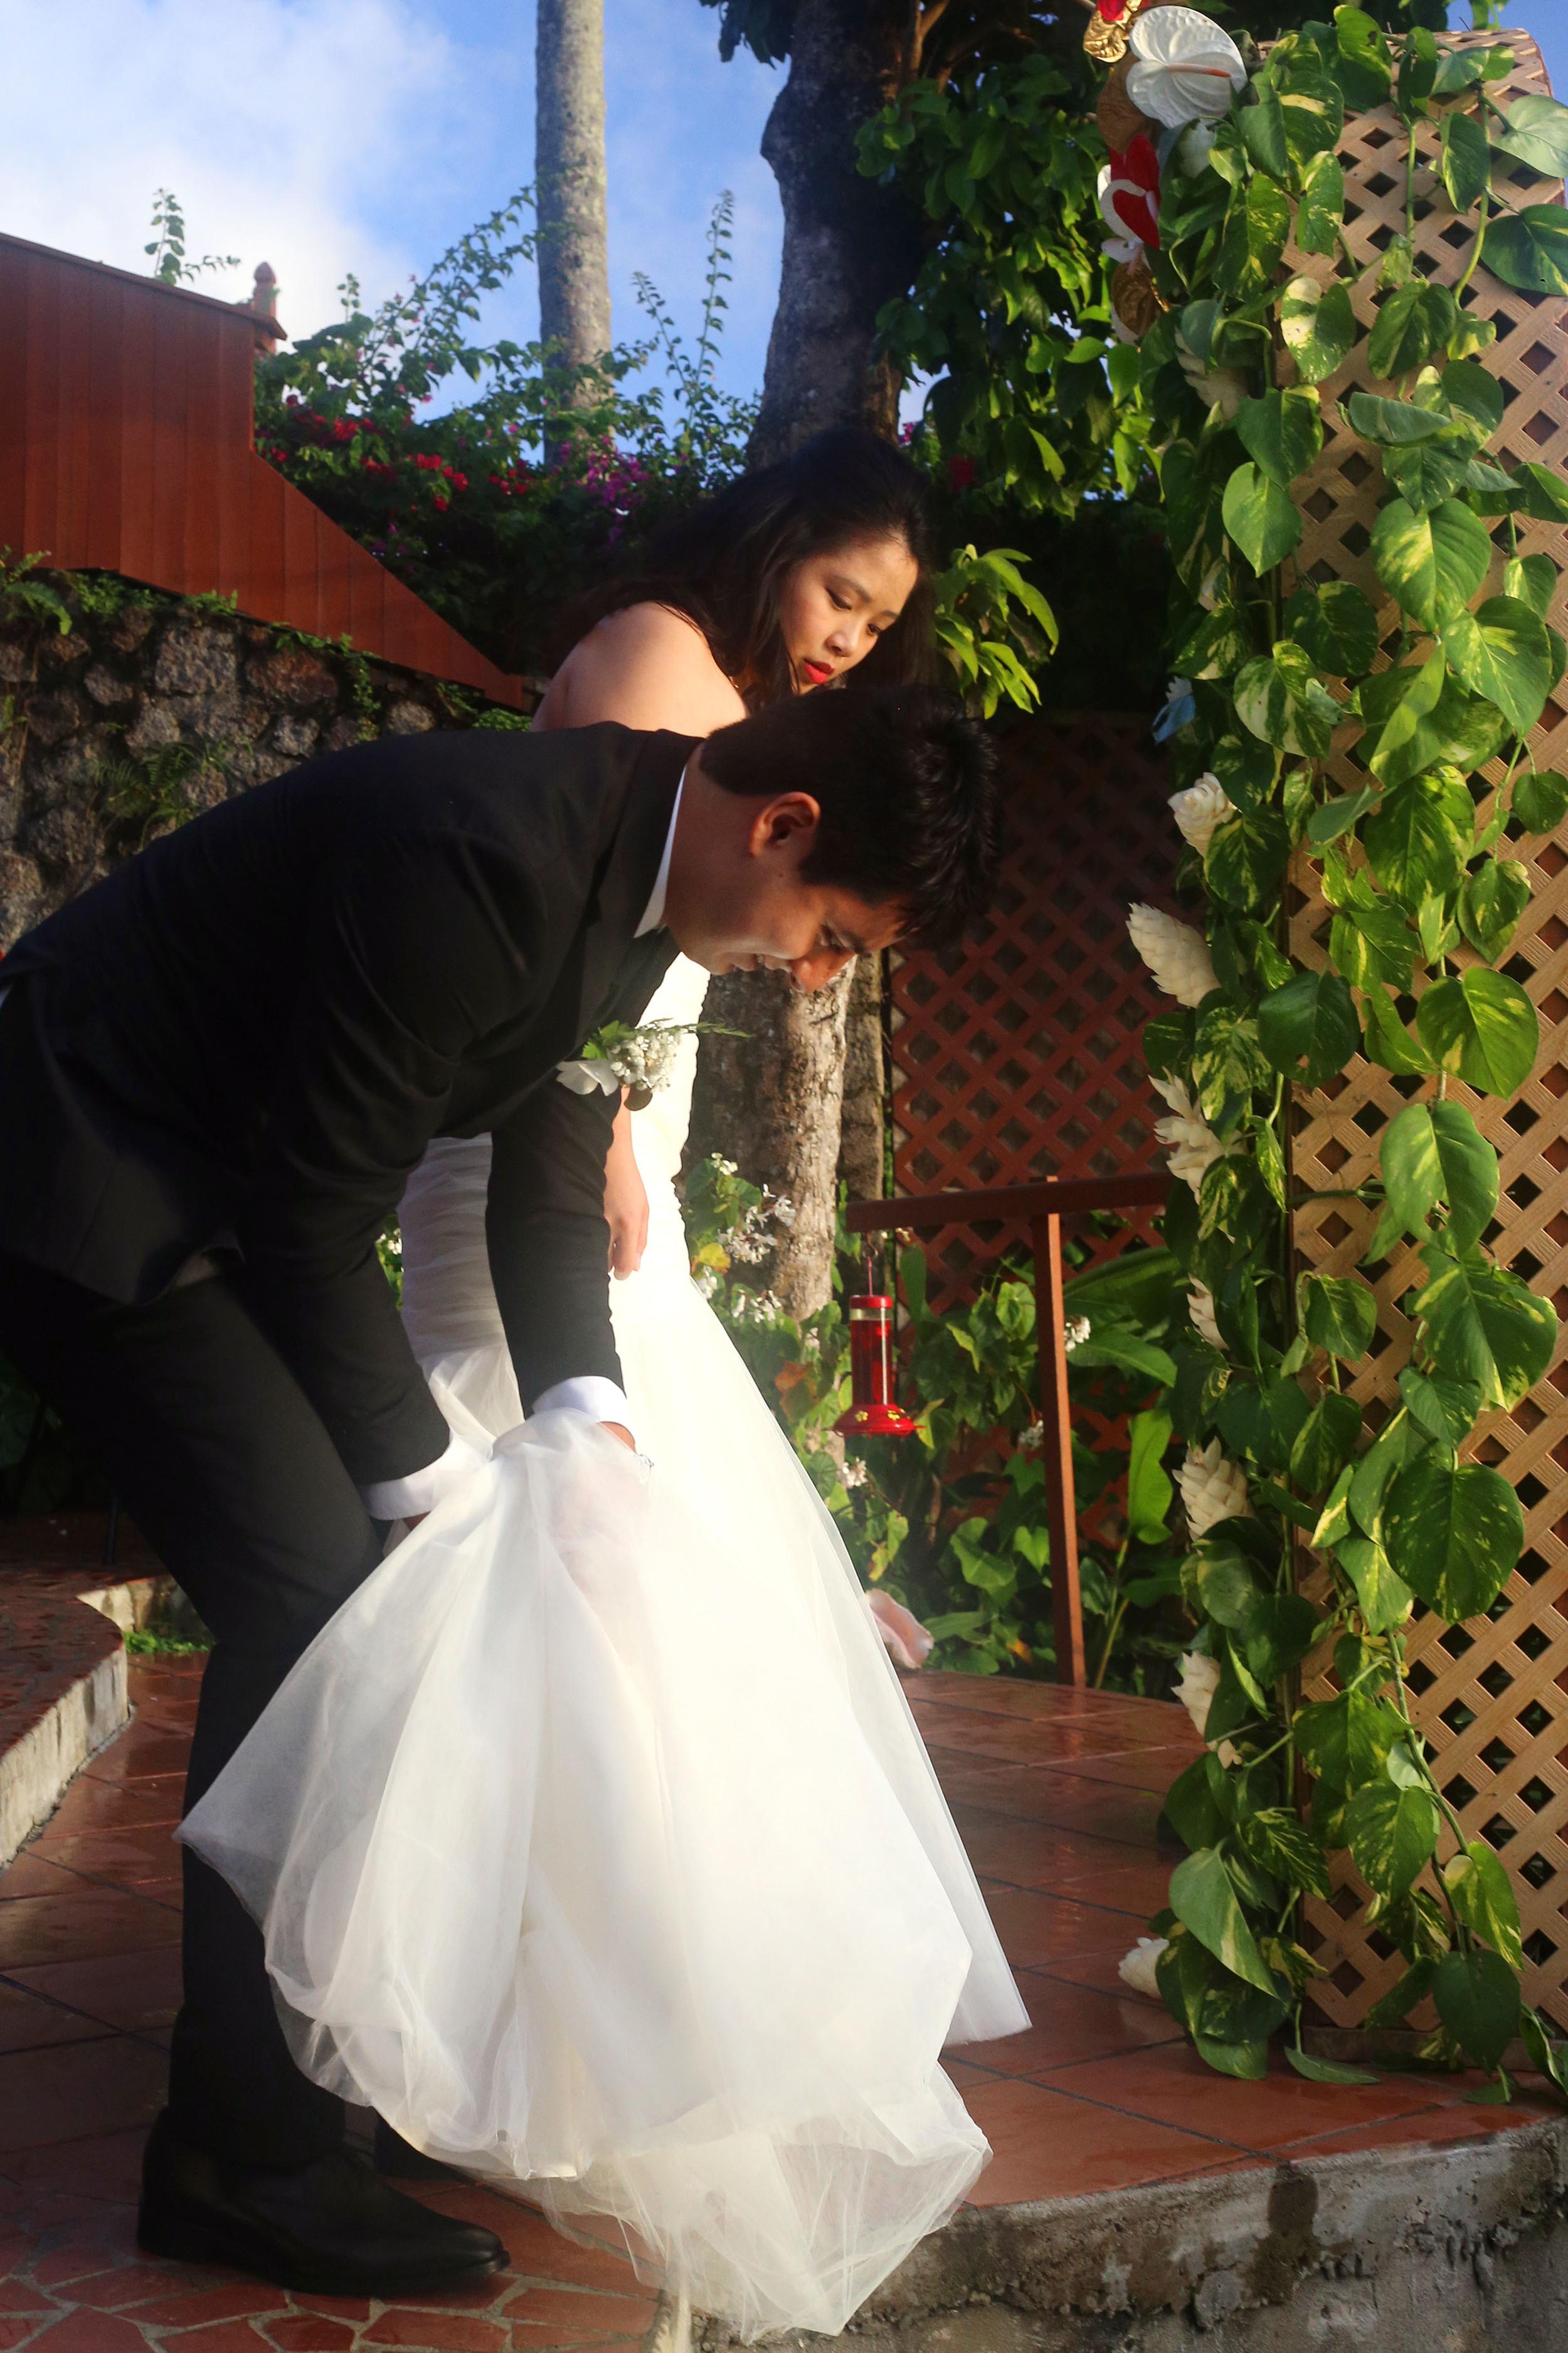 2015-12-18_St_Lucia_Ladera_Wedding_Pu.Ying.Huang 0444.jpg